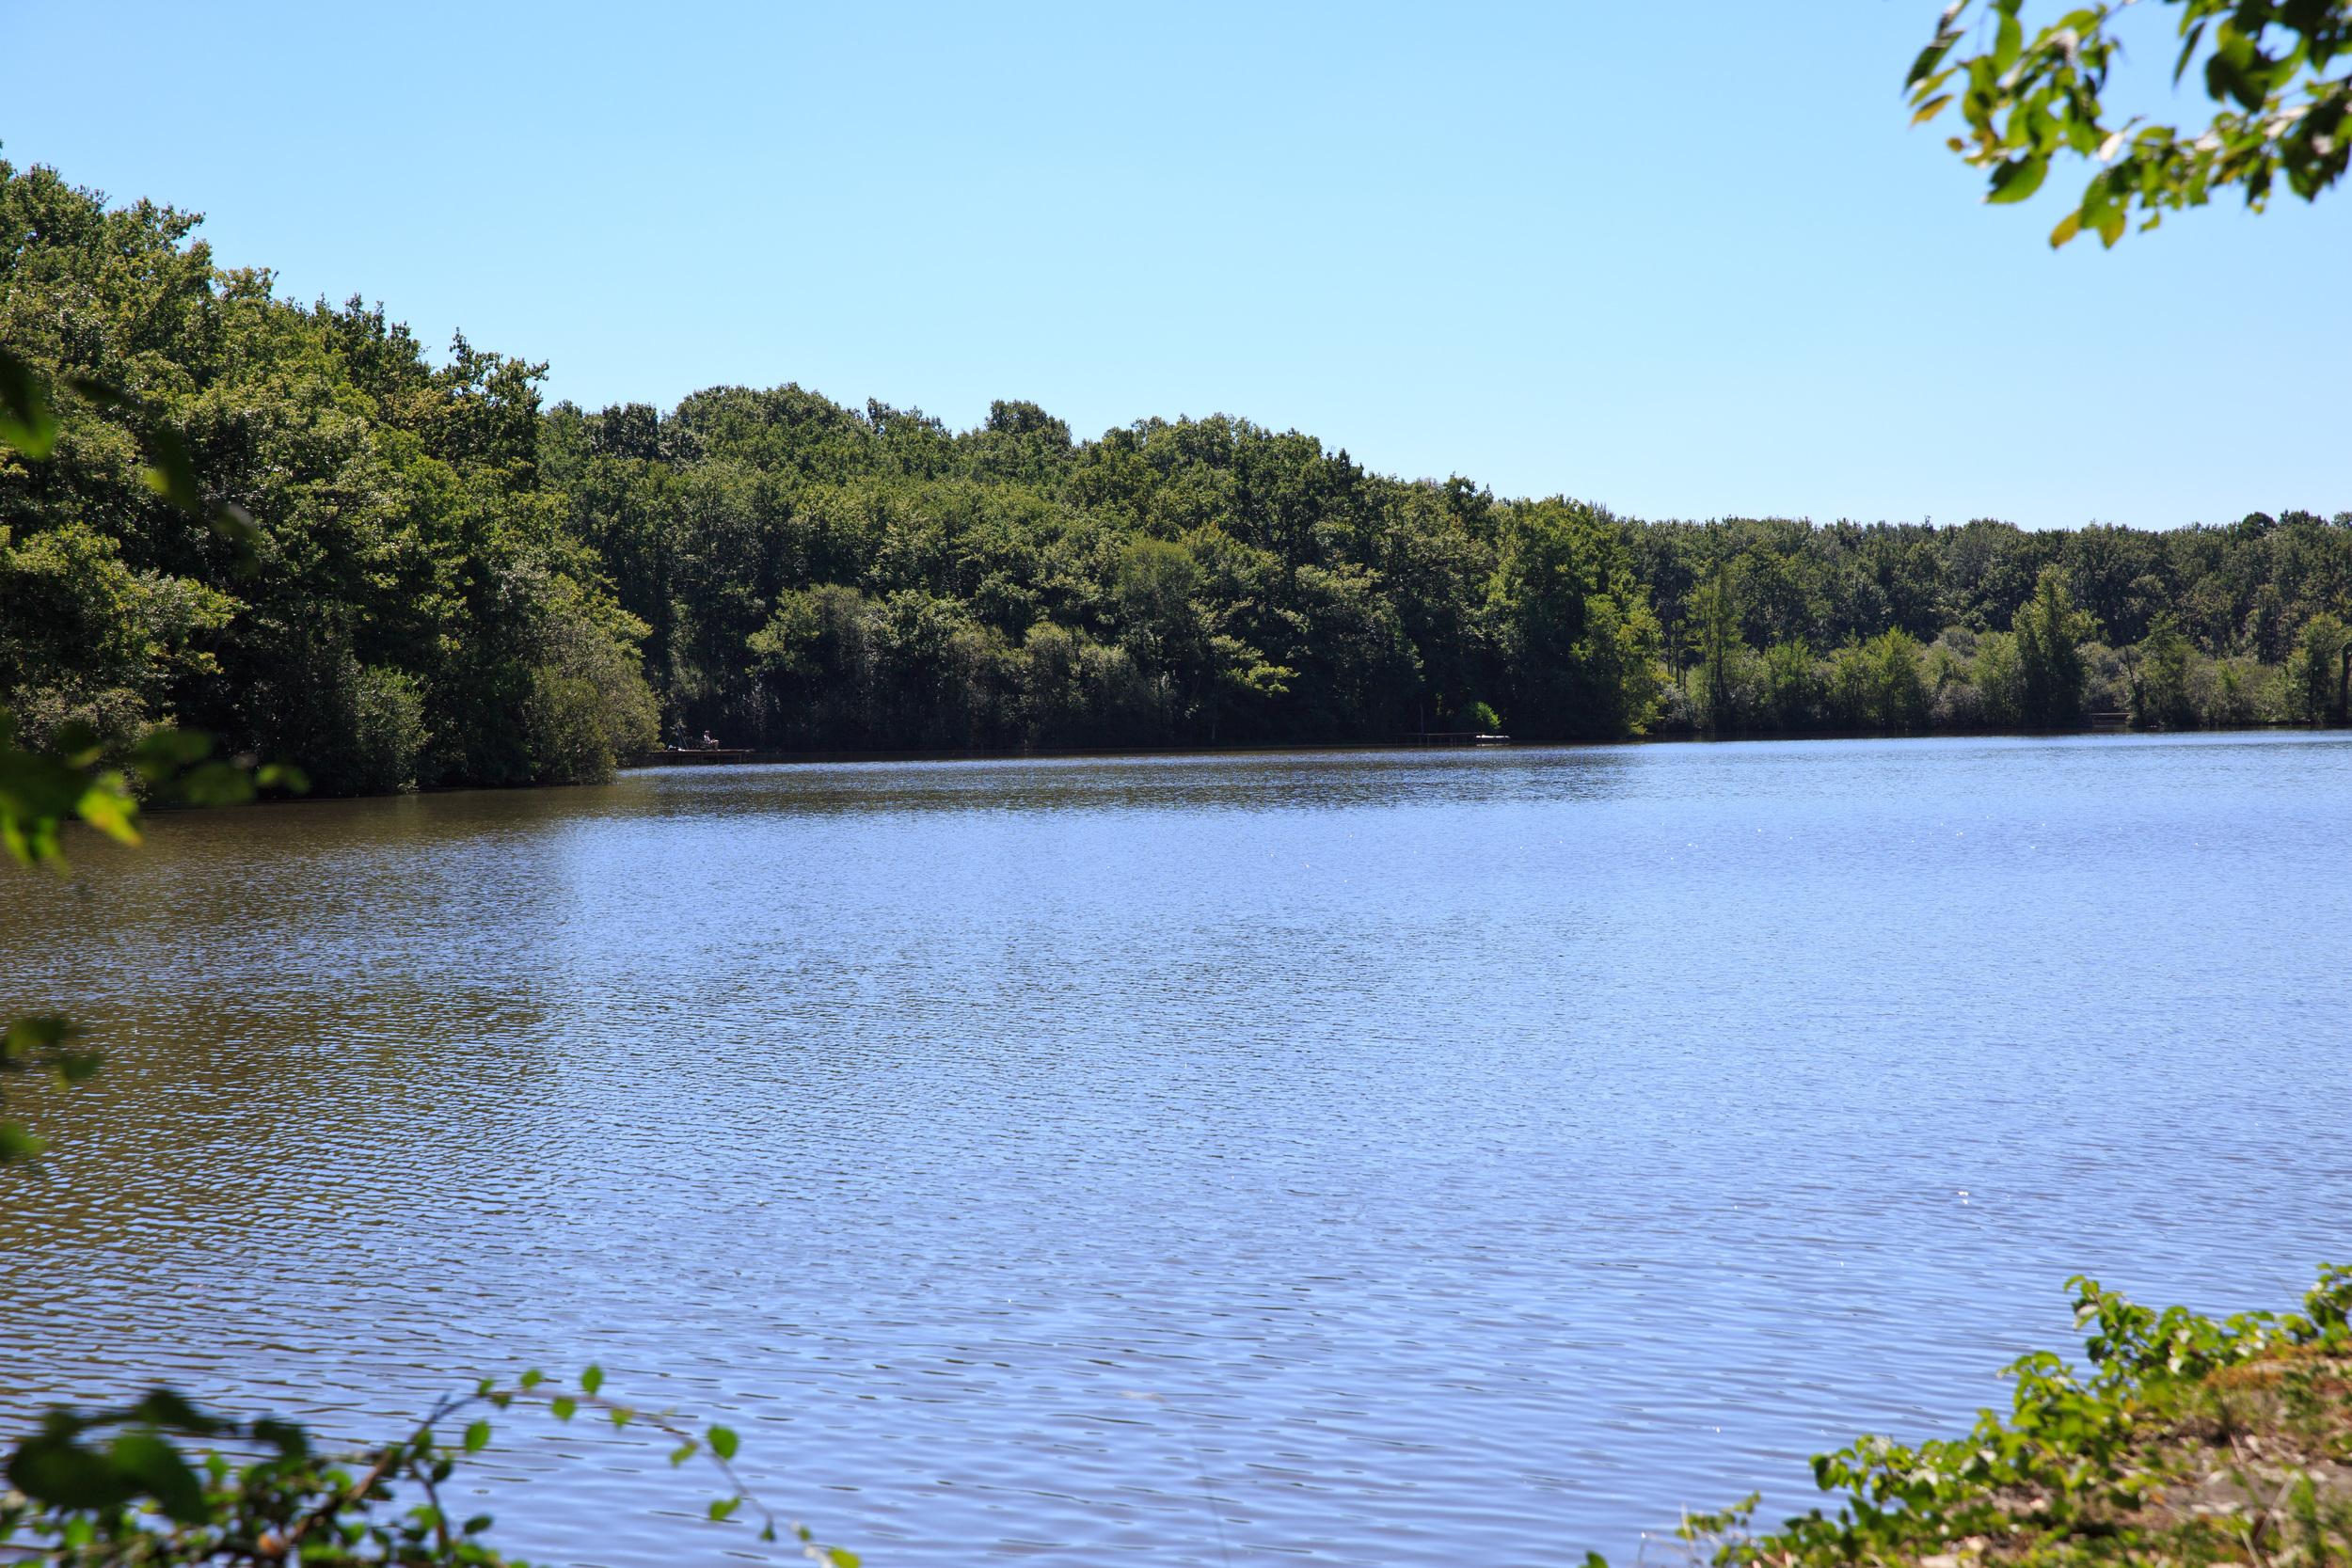 Lake-Meillant-2013_157.jpg